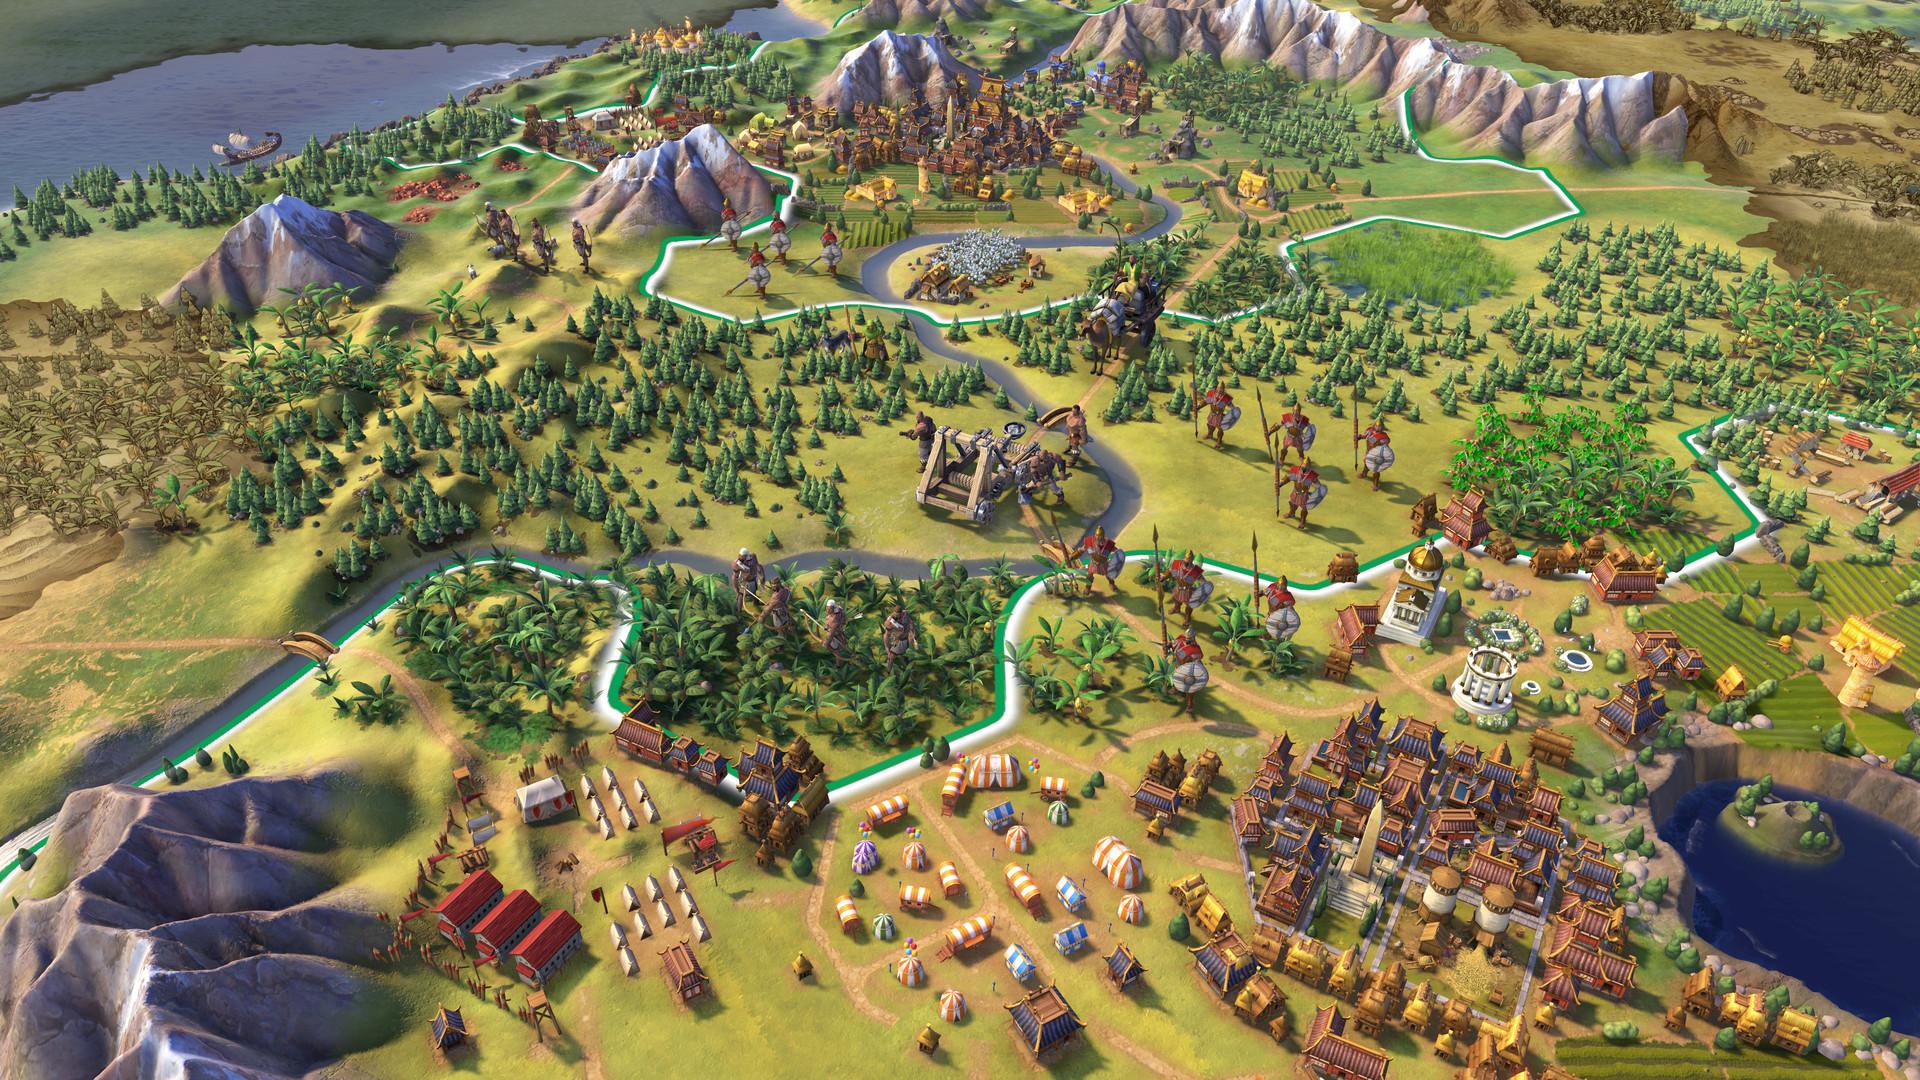 Steam特价促销 回合制策略游戏《文明6》仅售59元